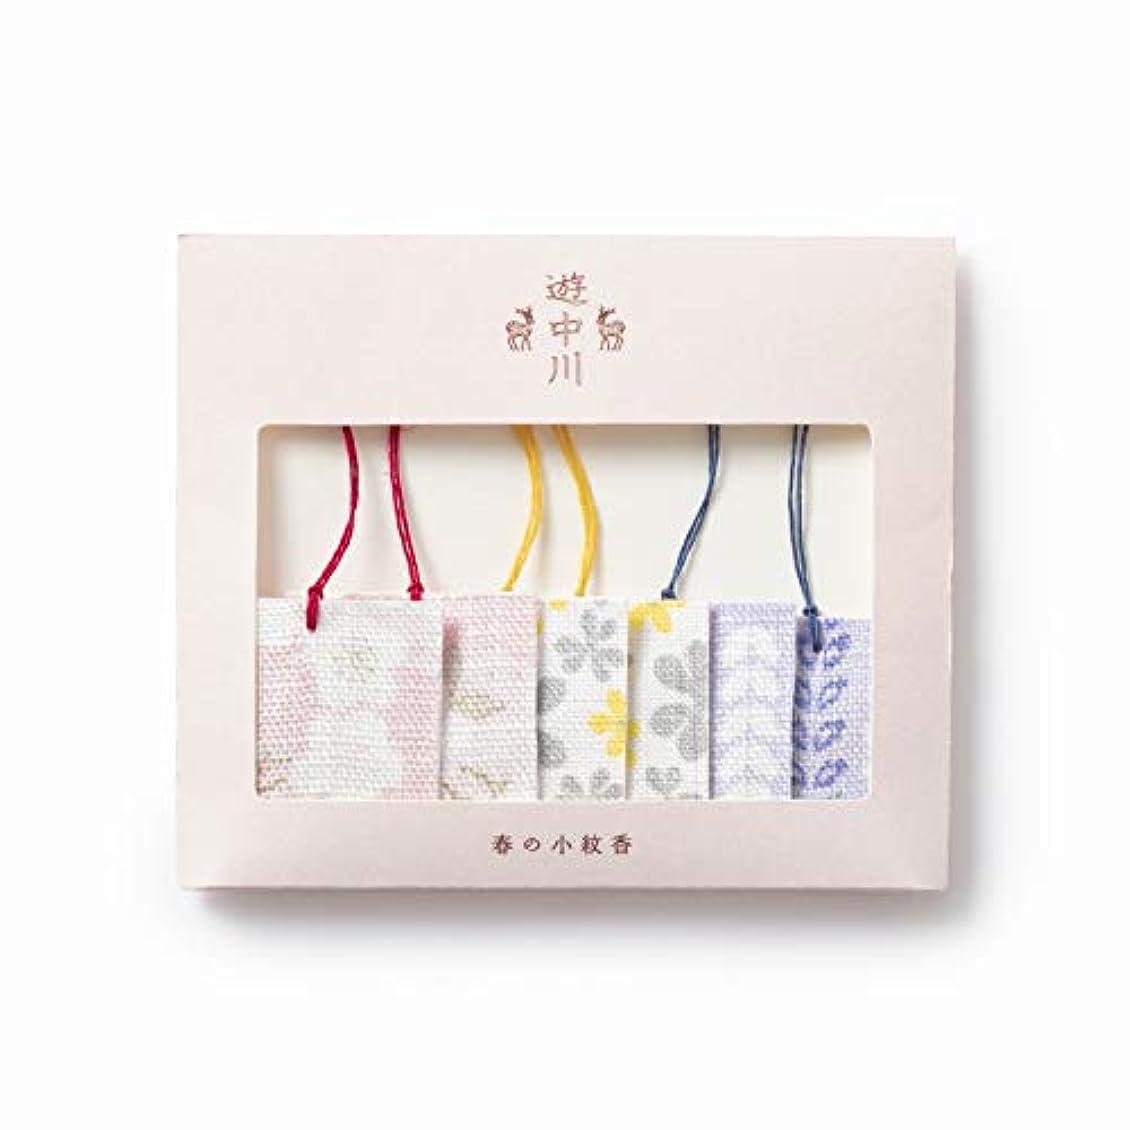 見積りとらえどころのないバター遊中川  春の小紋香 2019